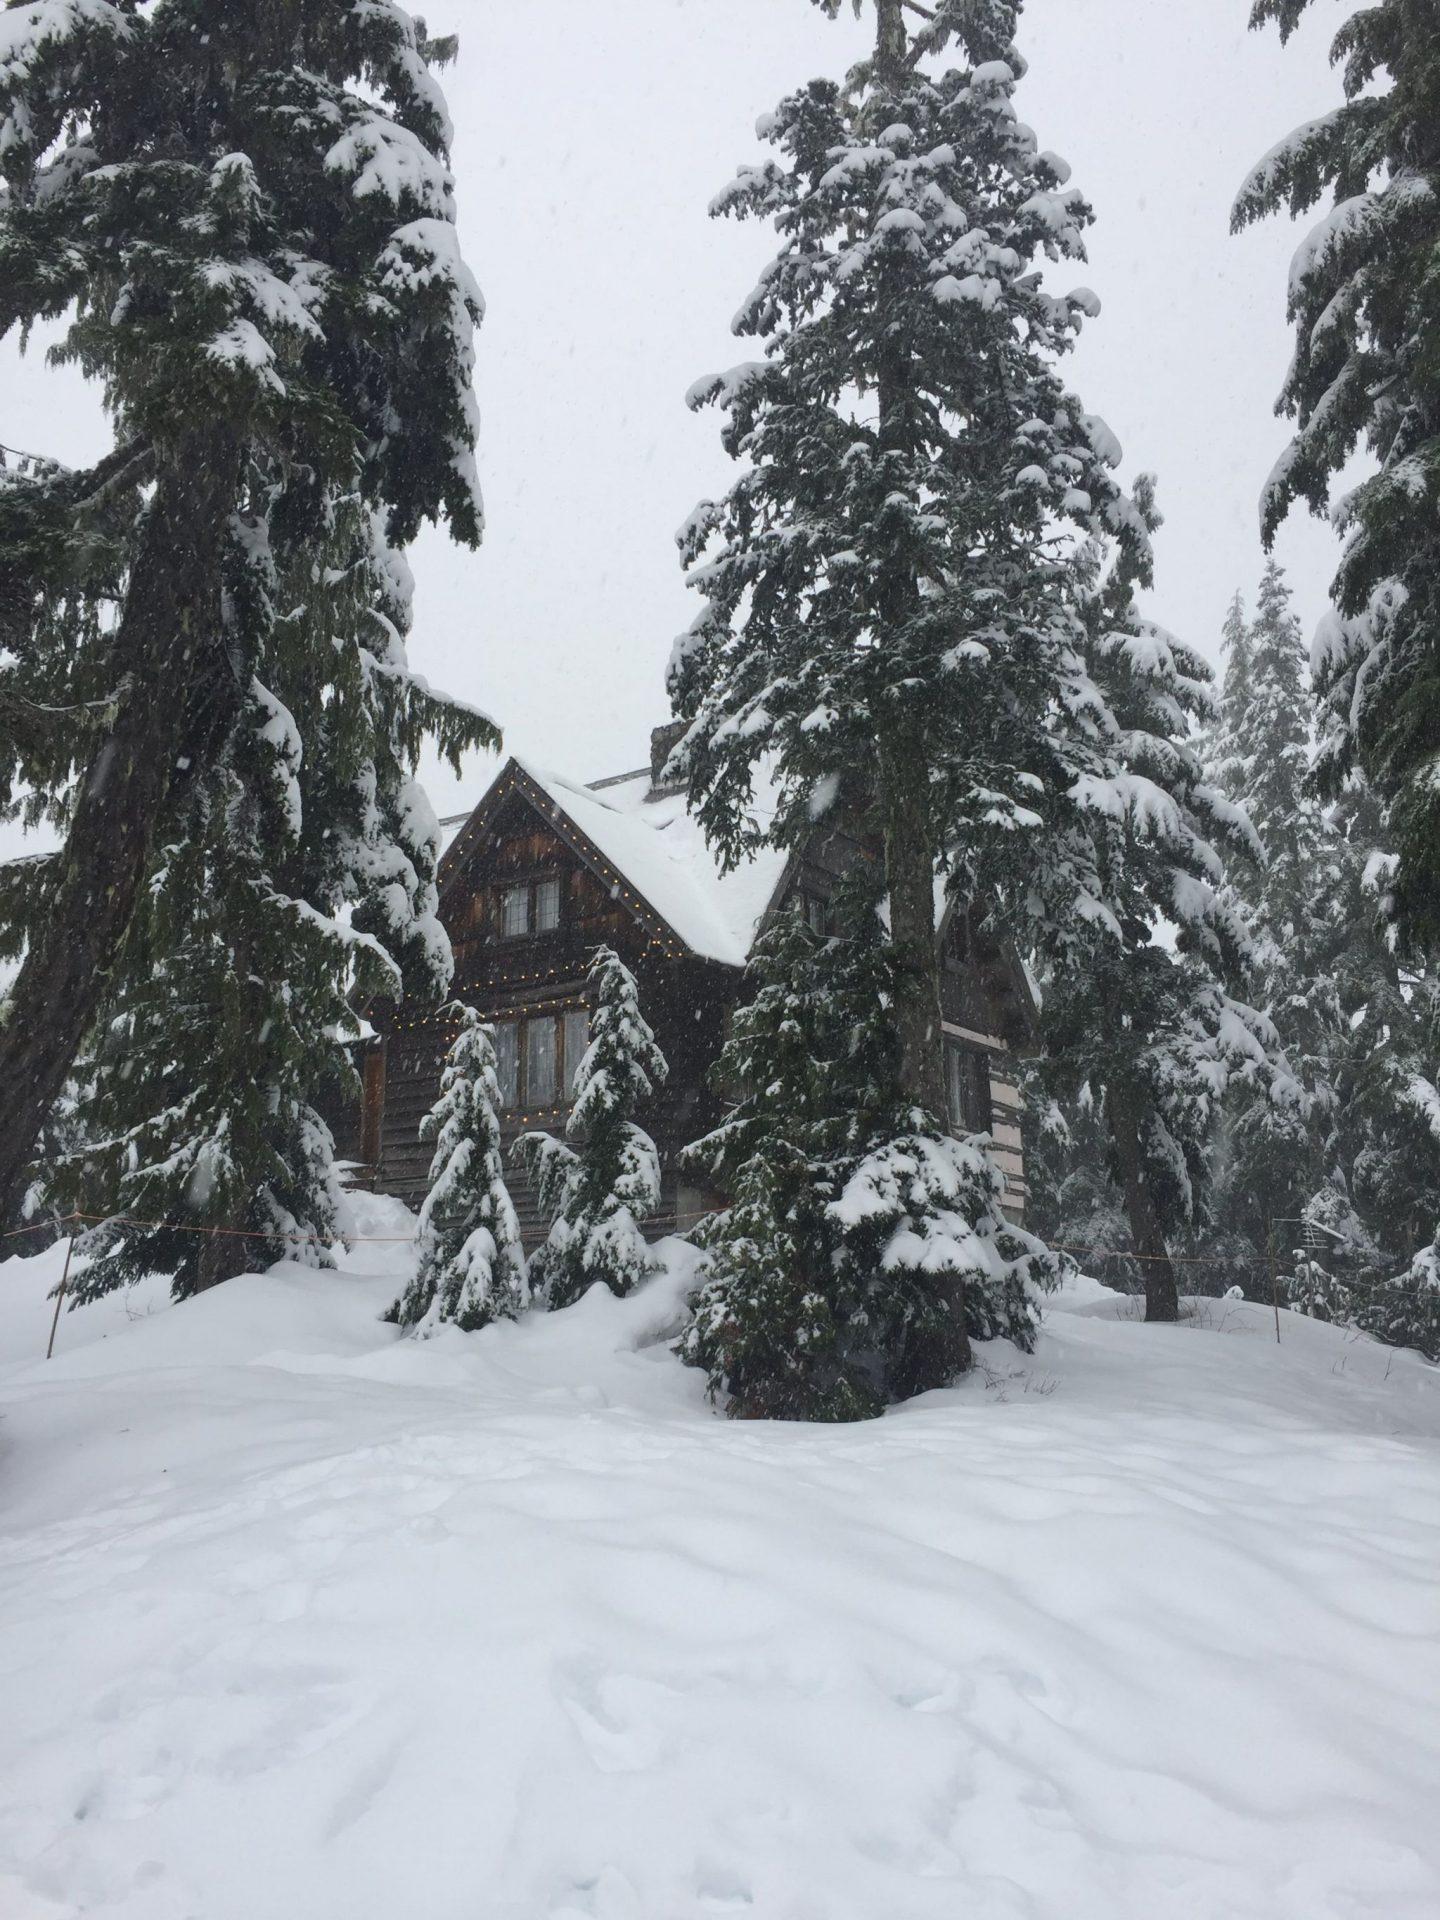 An adorable winter ski lodge on Mount Seymour, Vancouver